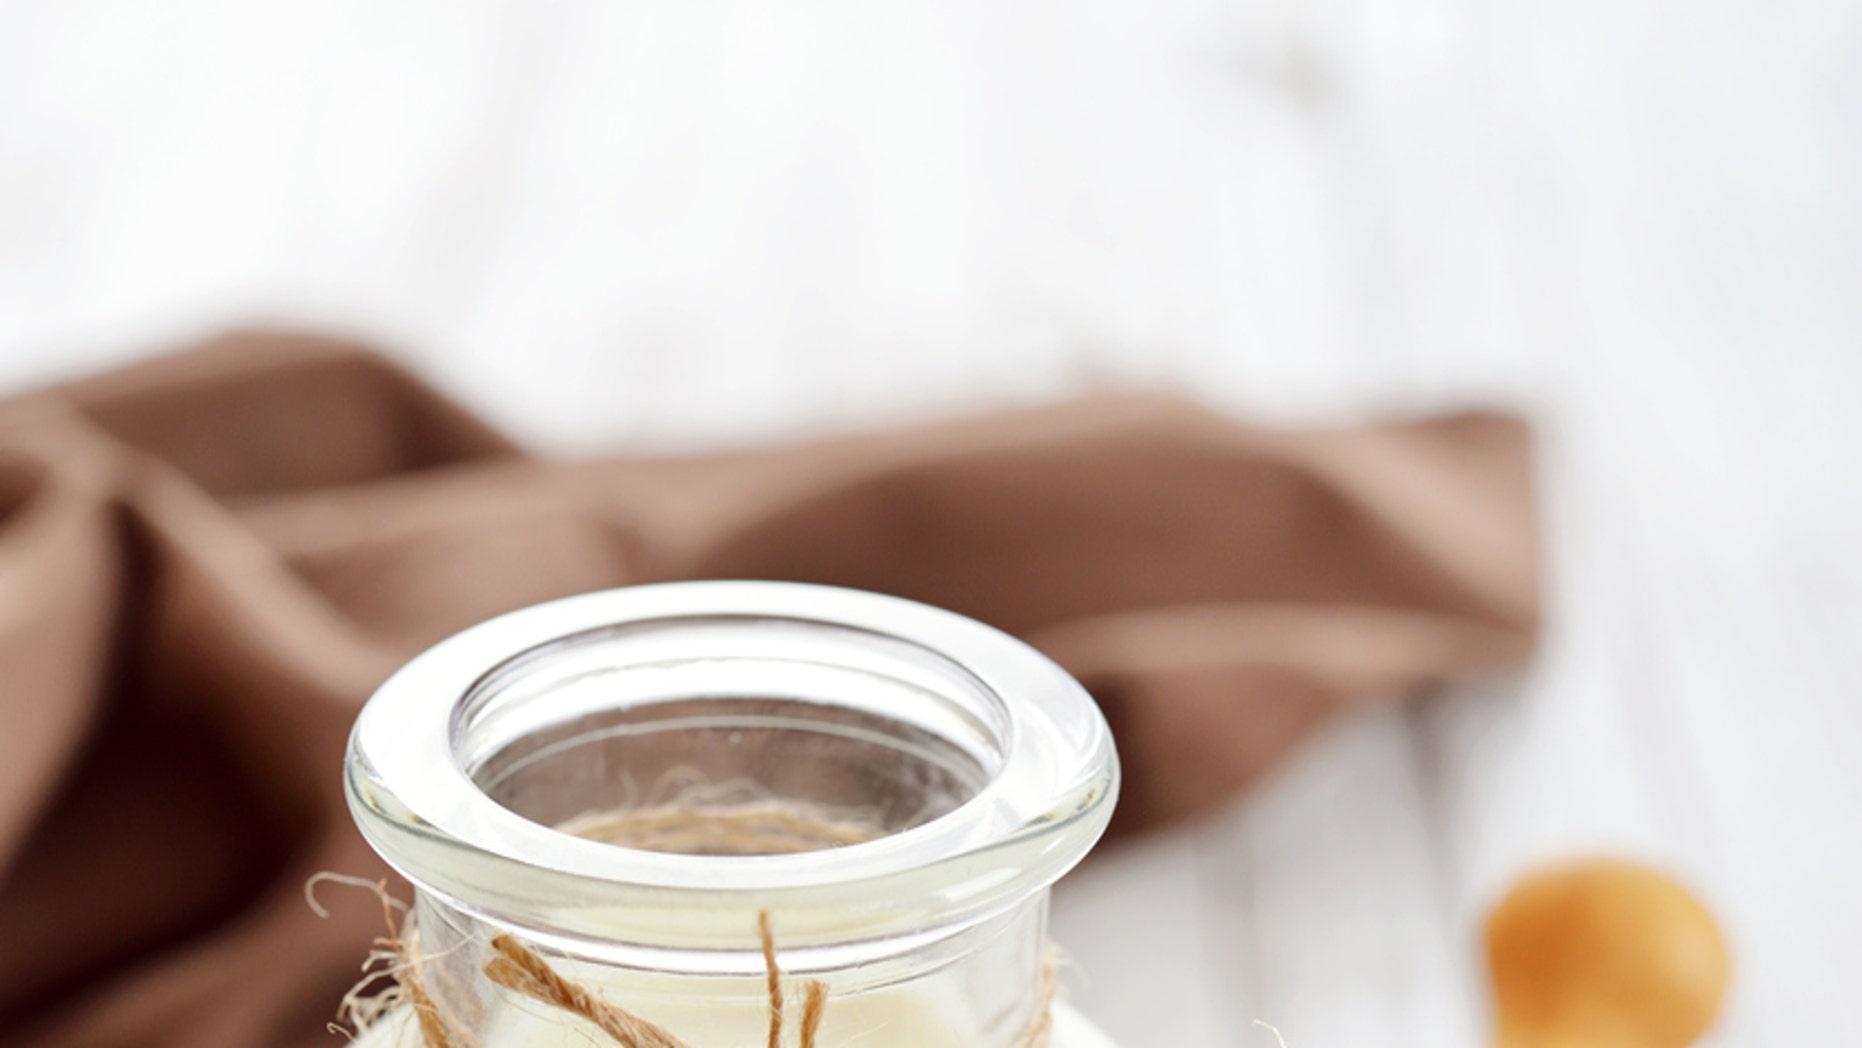 Quinoa milk in glass bottle on wooden background